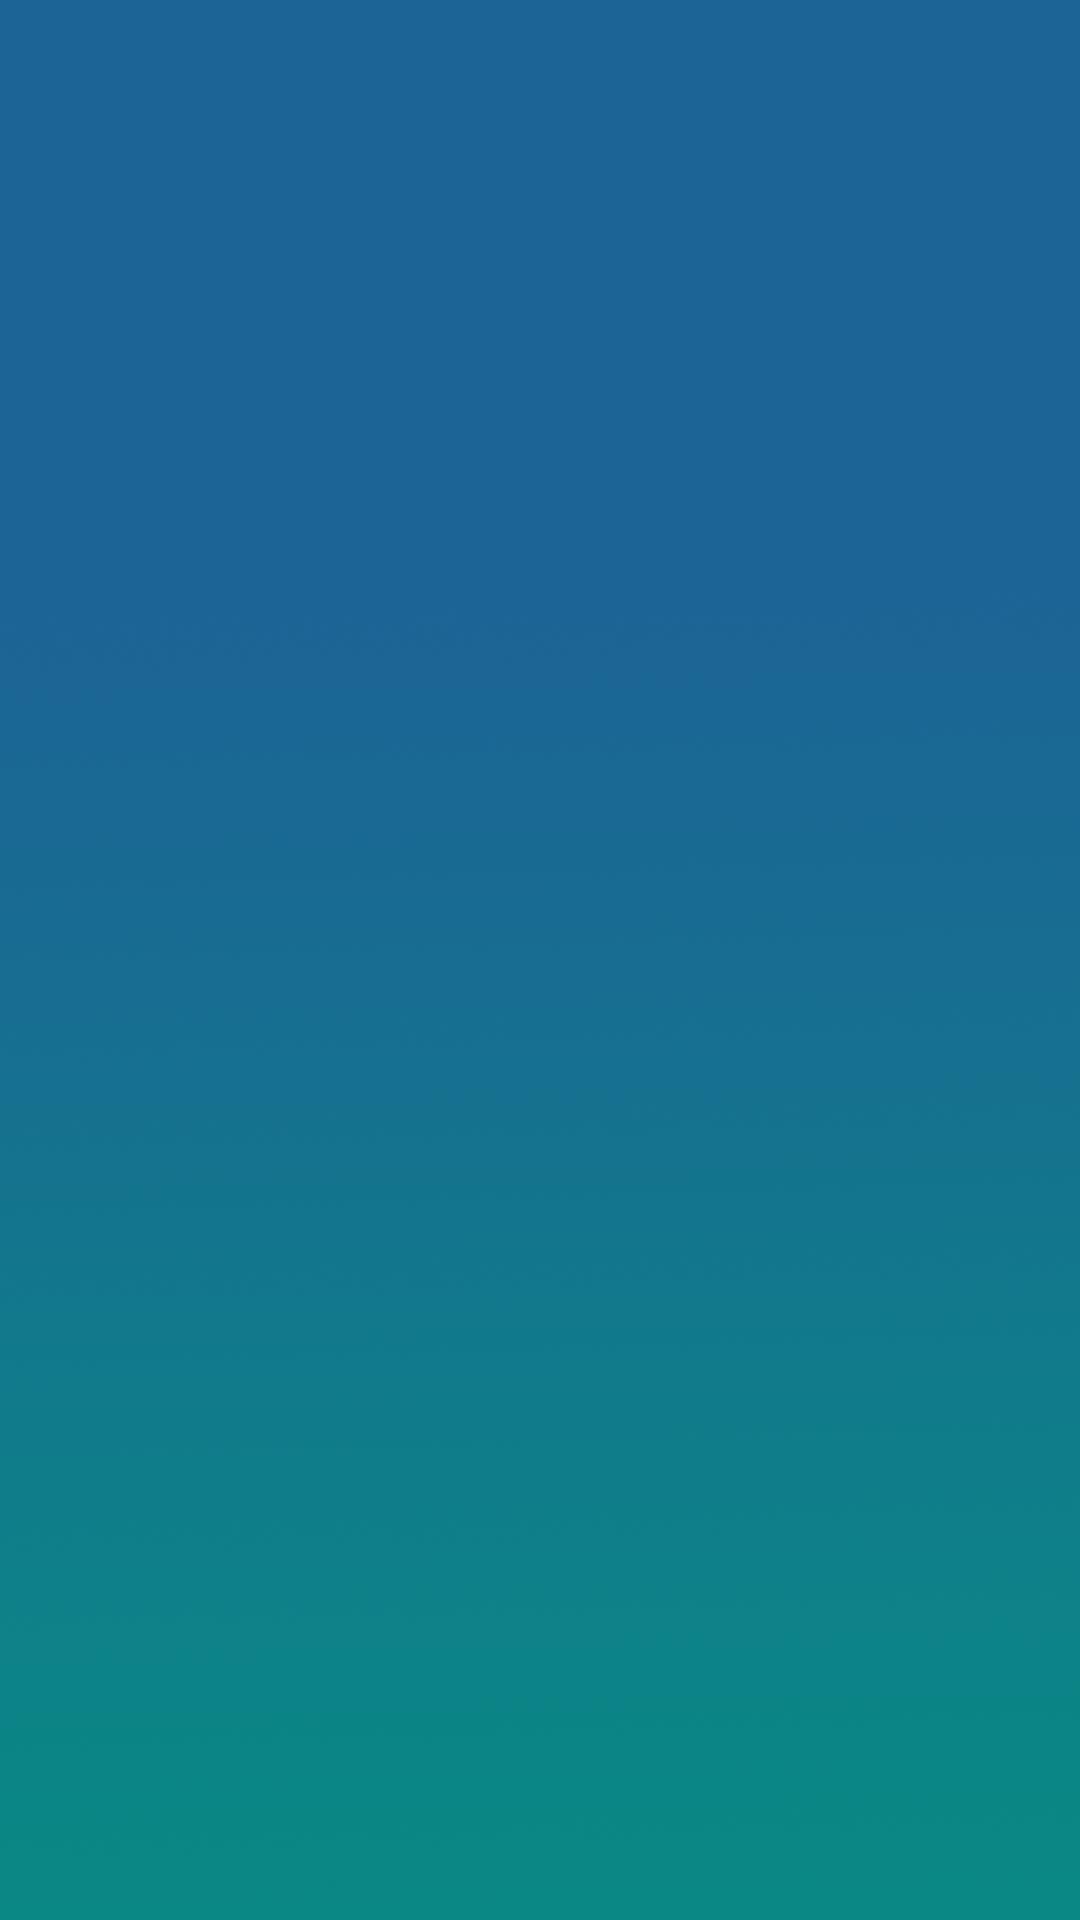 FULL HD] Xiaomi Mi5X & MIUI 9 Stock Wallpapers Download Them Now